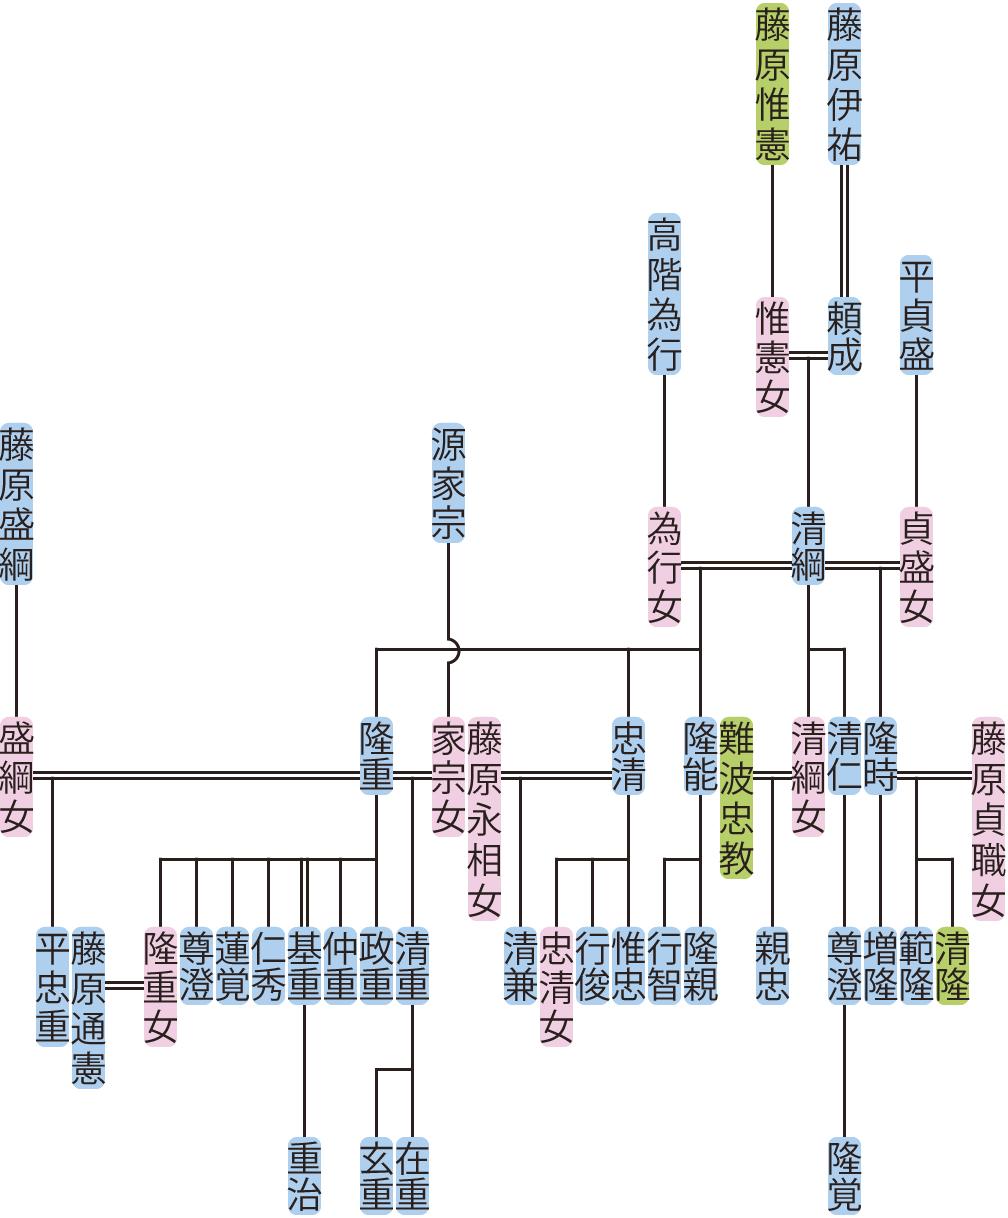 藤原清綱の系図